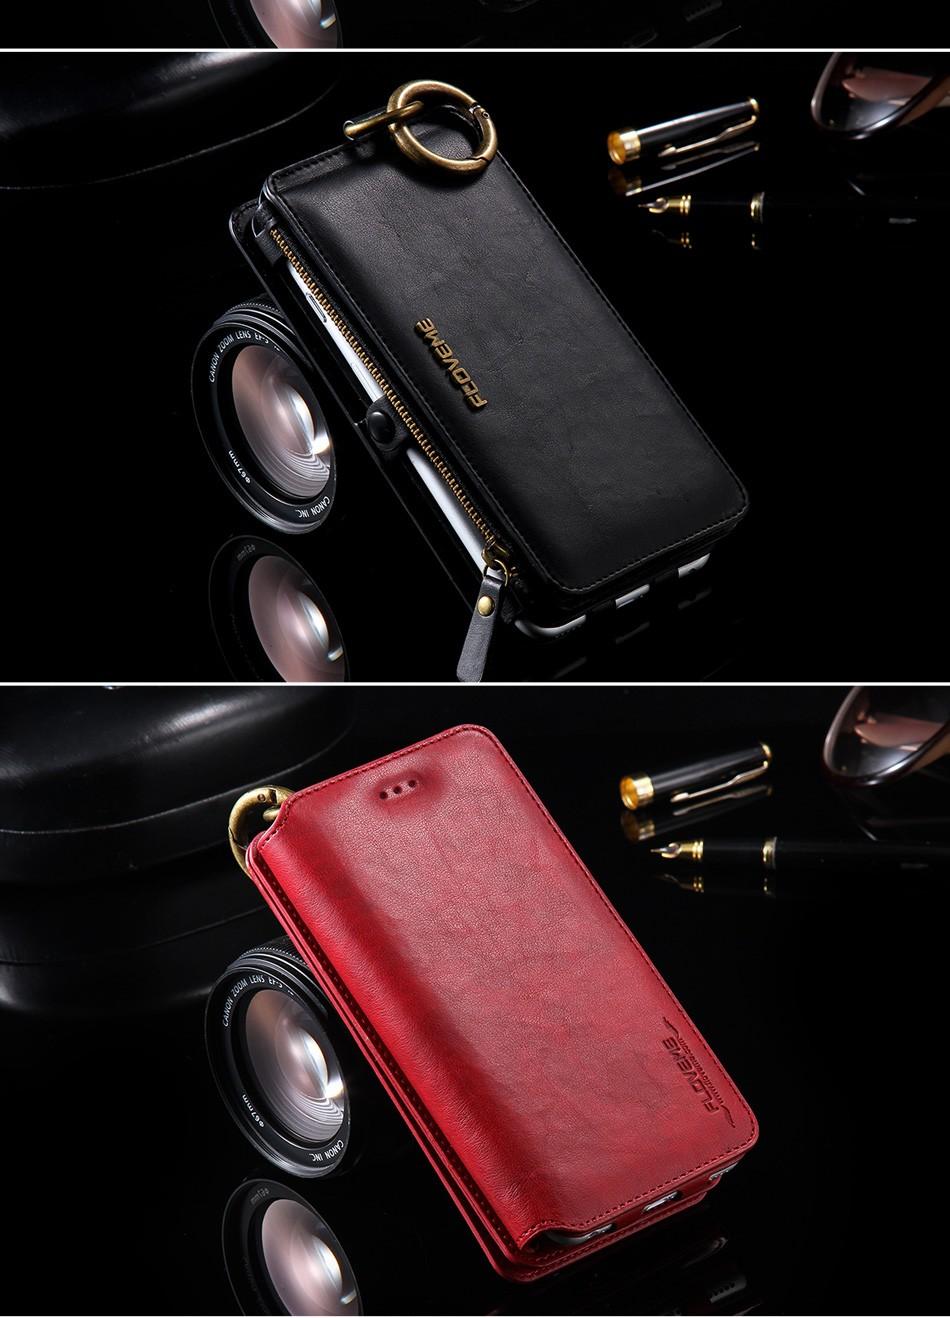 Floveme oryginalny retro skóra telefon case for iphone 6s 6 4.7 dla iphone6s iphone 6s przypadki metalowy pierścień coque pokrowce na iphone 7 13